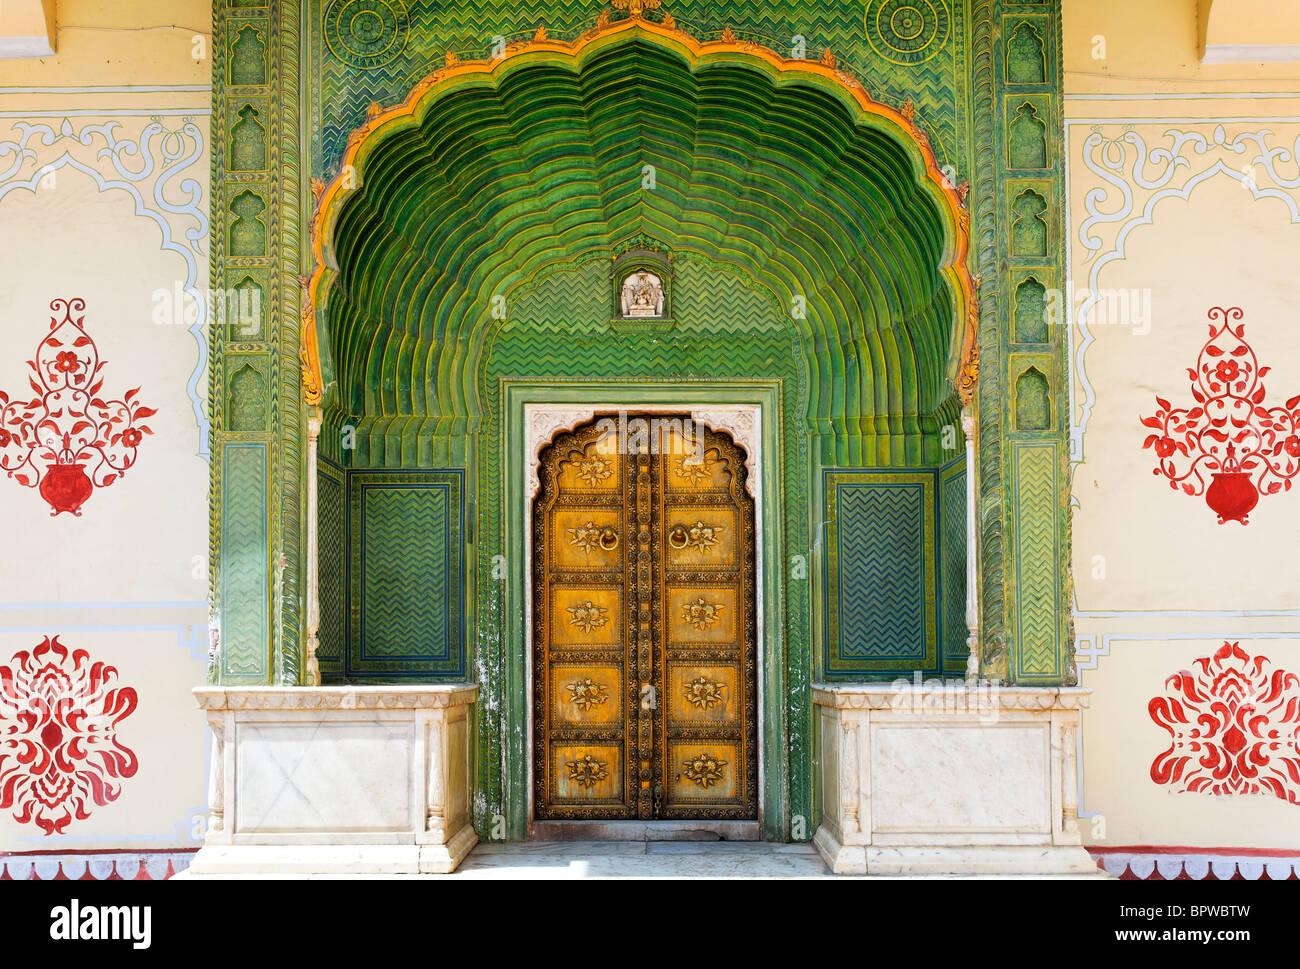 Portale ornato in The Peacock cortile interno al palazzo di città complessa, Jaipur, Rajasthan, India Immagini Stock